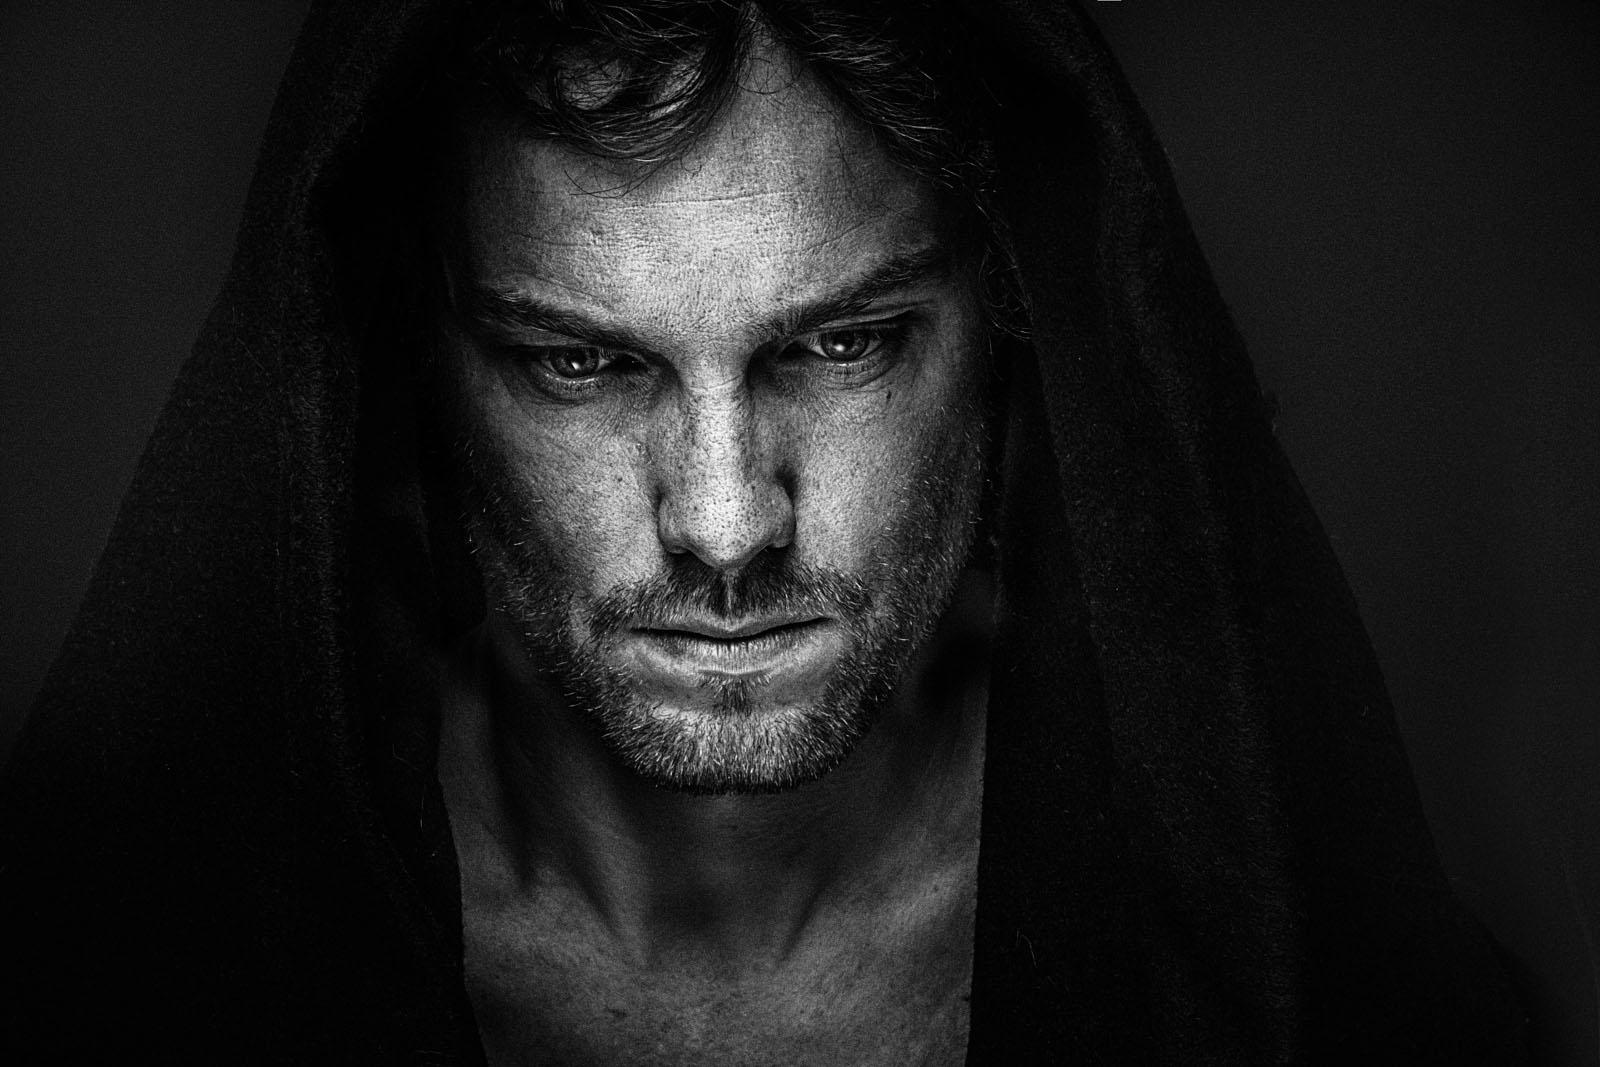 Portrætfotograf - portrætter med glød